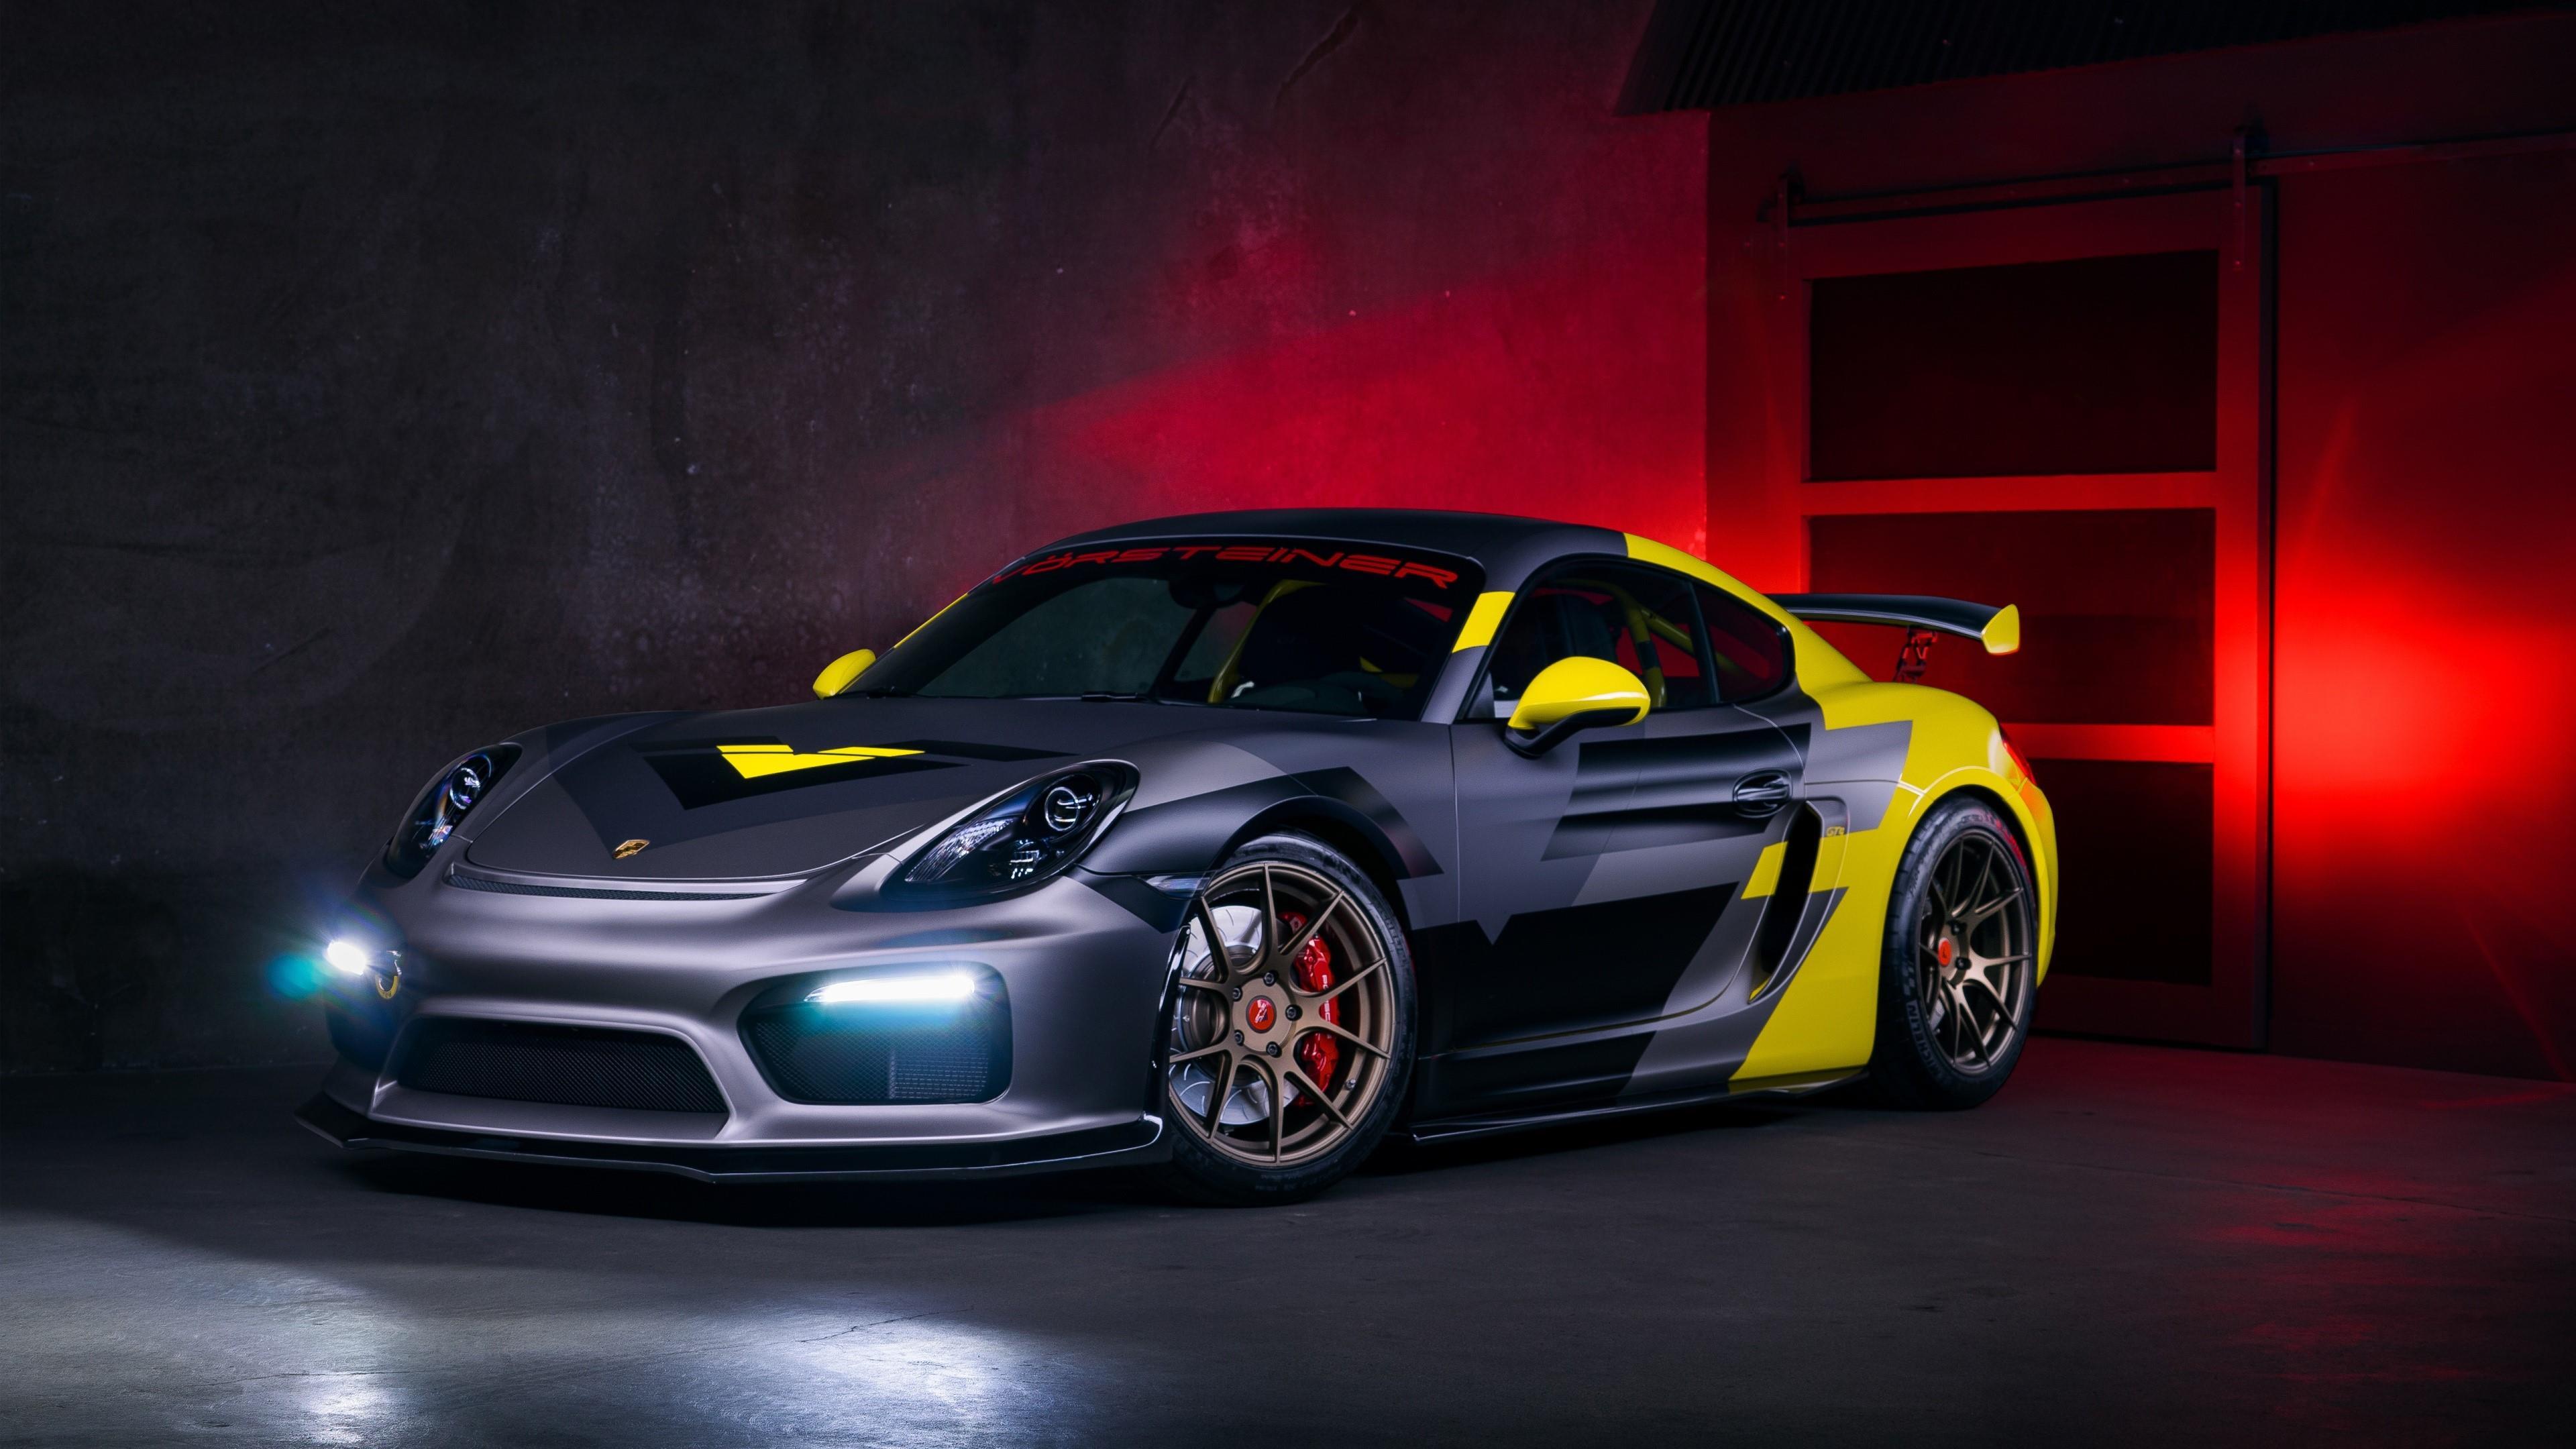 Porsche sport car wallpaper